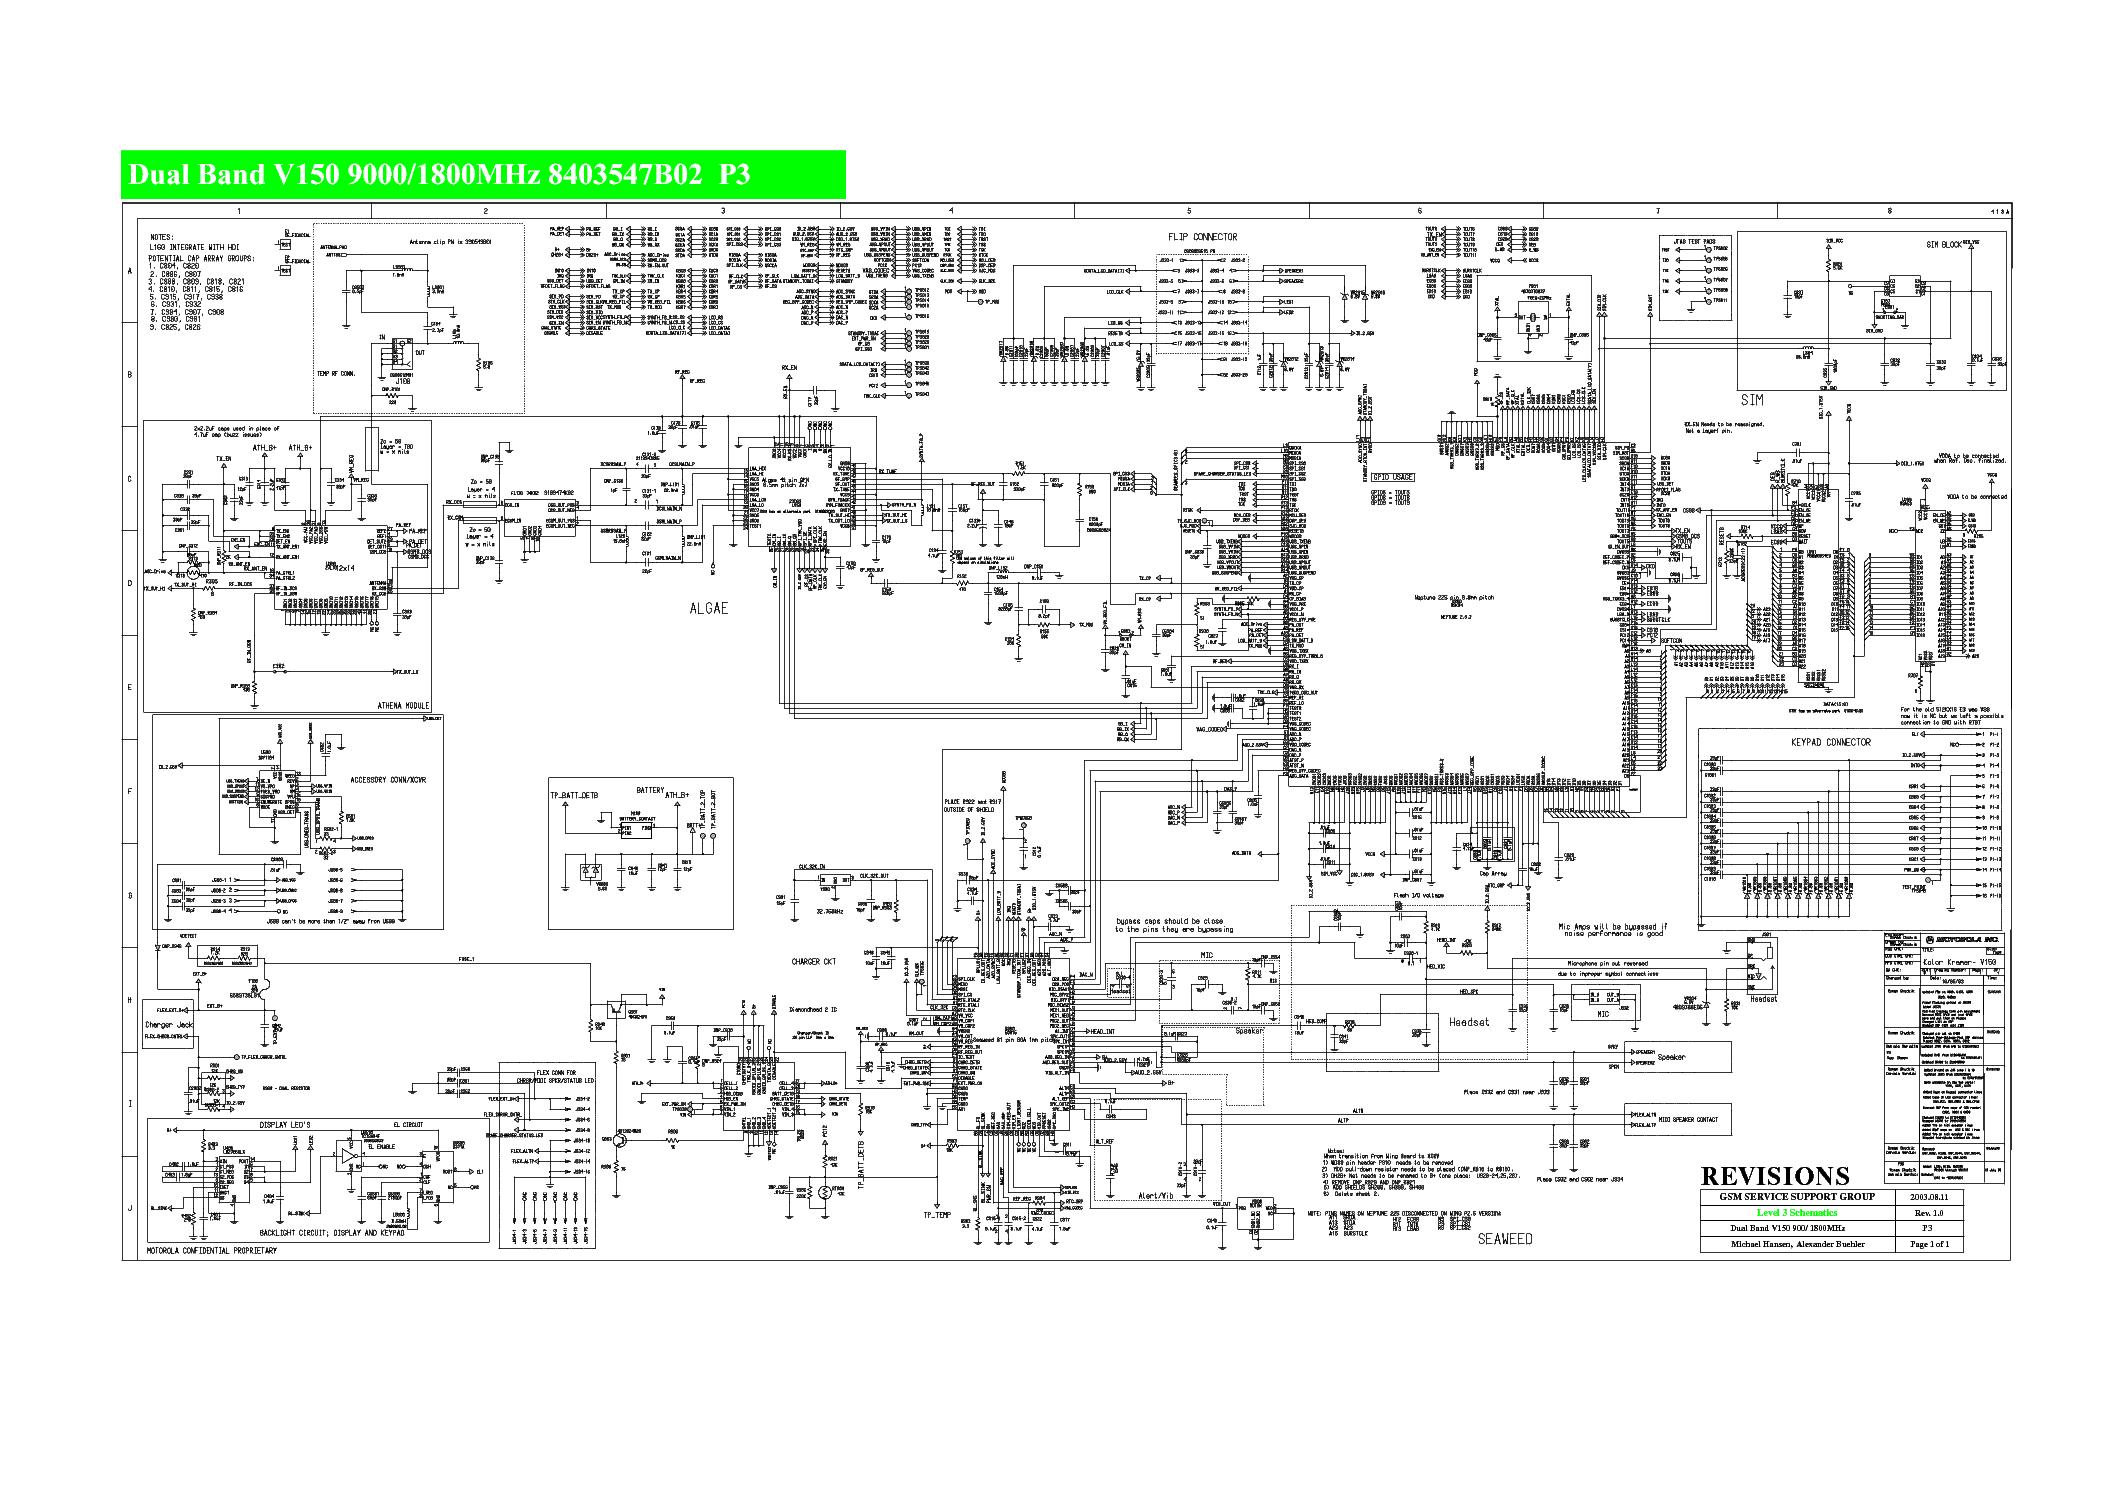 MOTOROLA V150 SCH service manual (1st page)